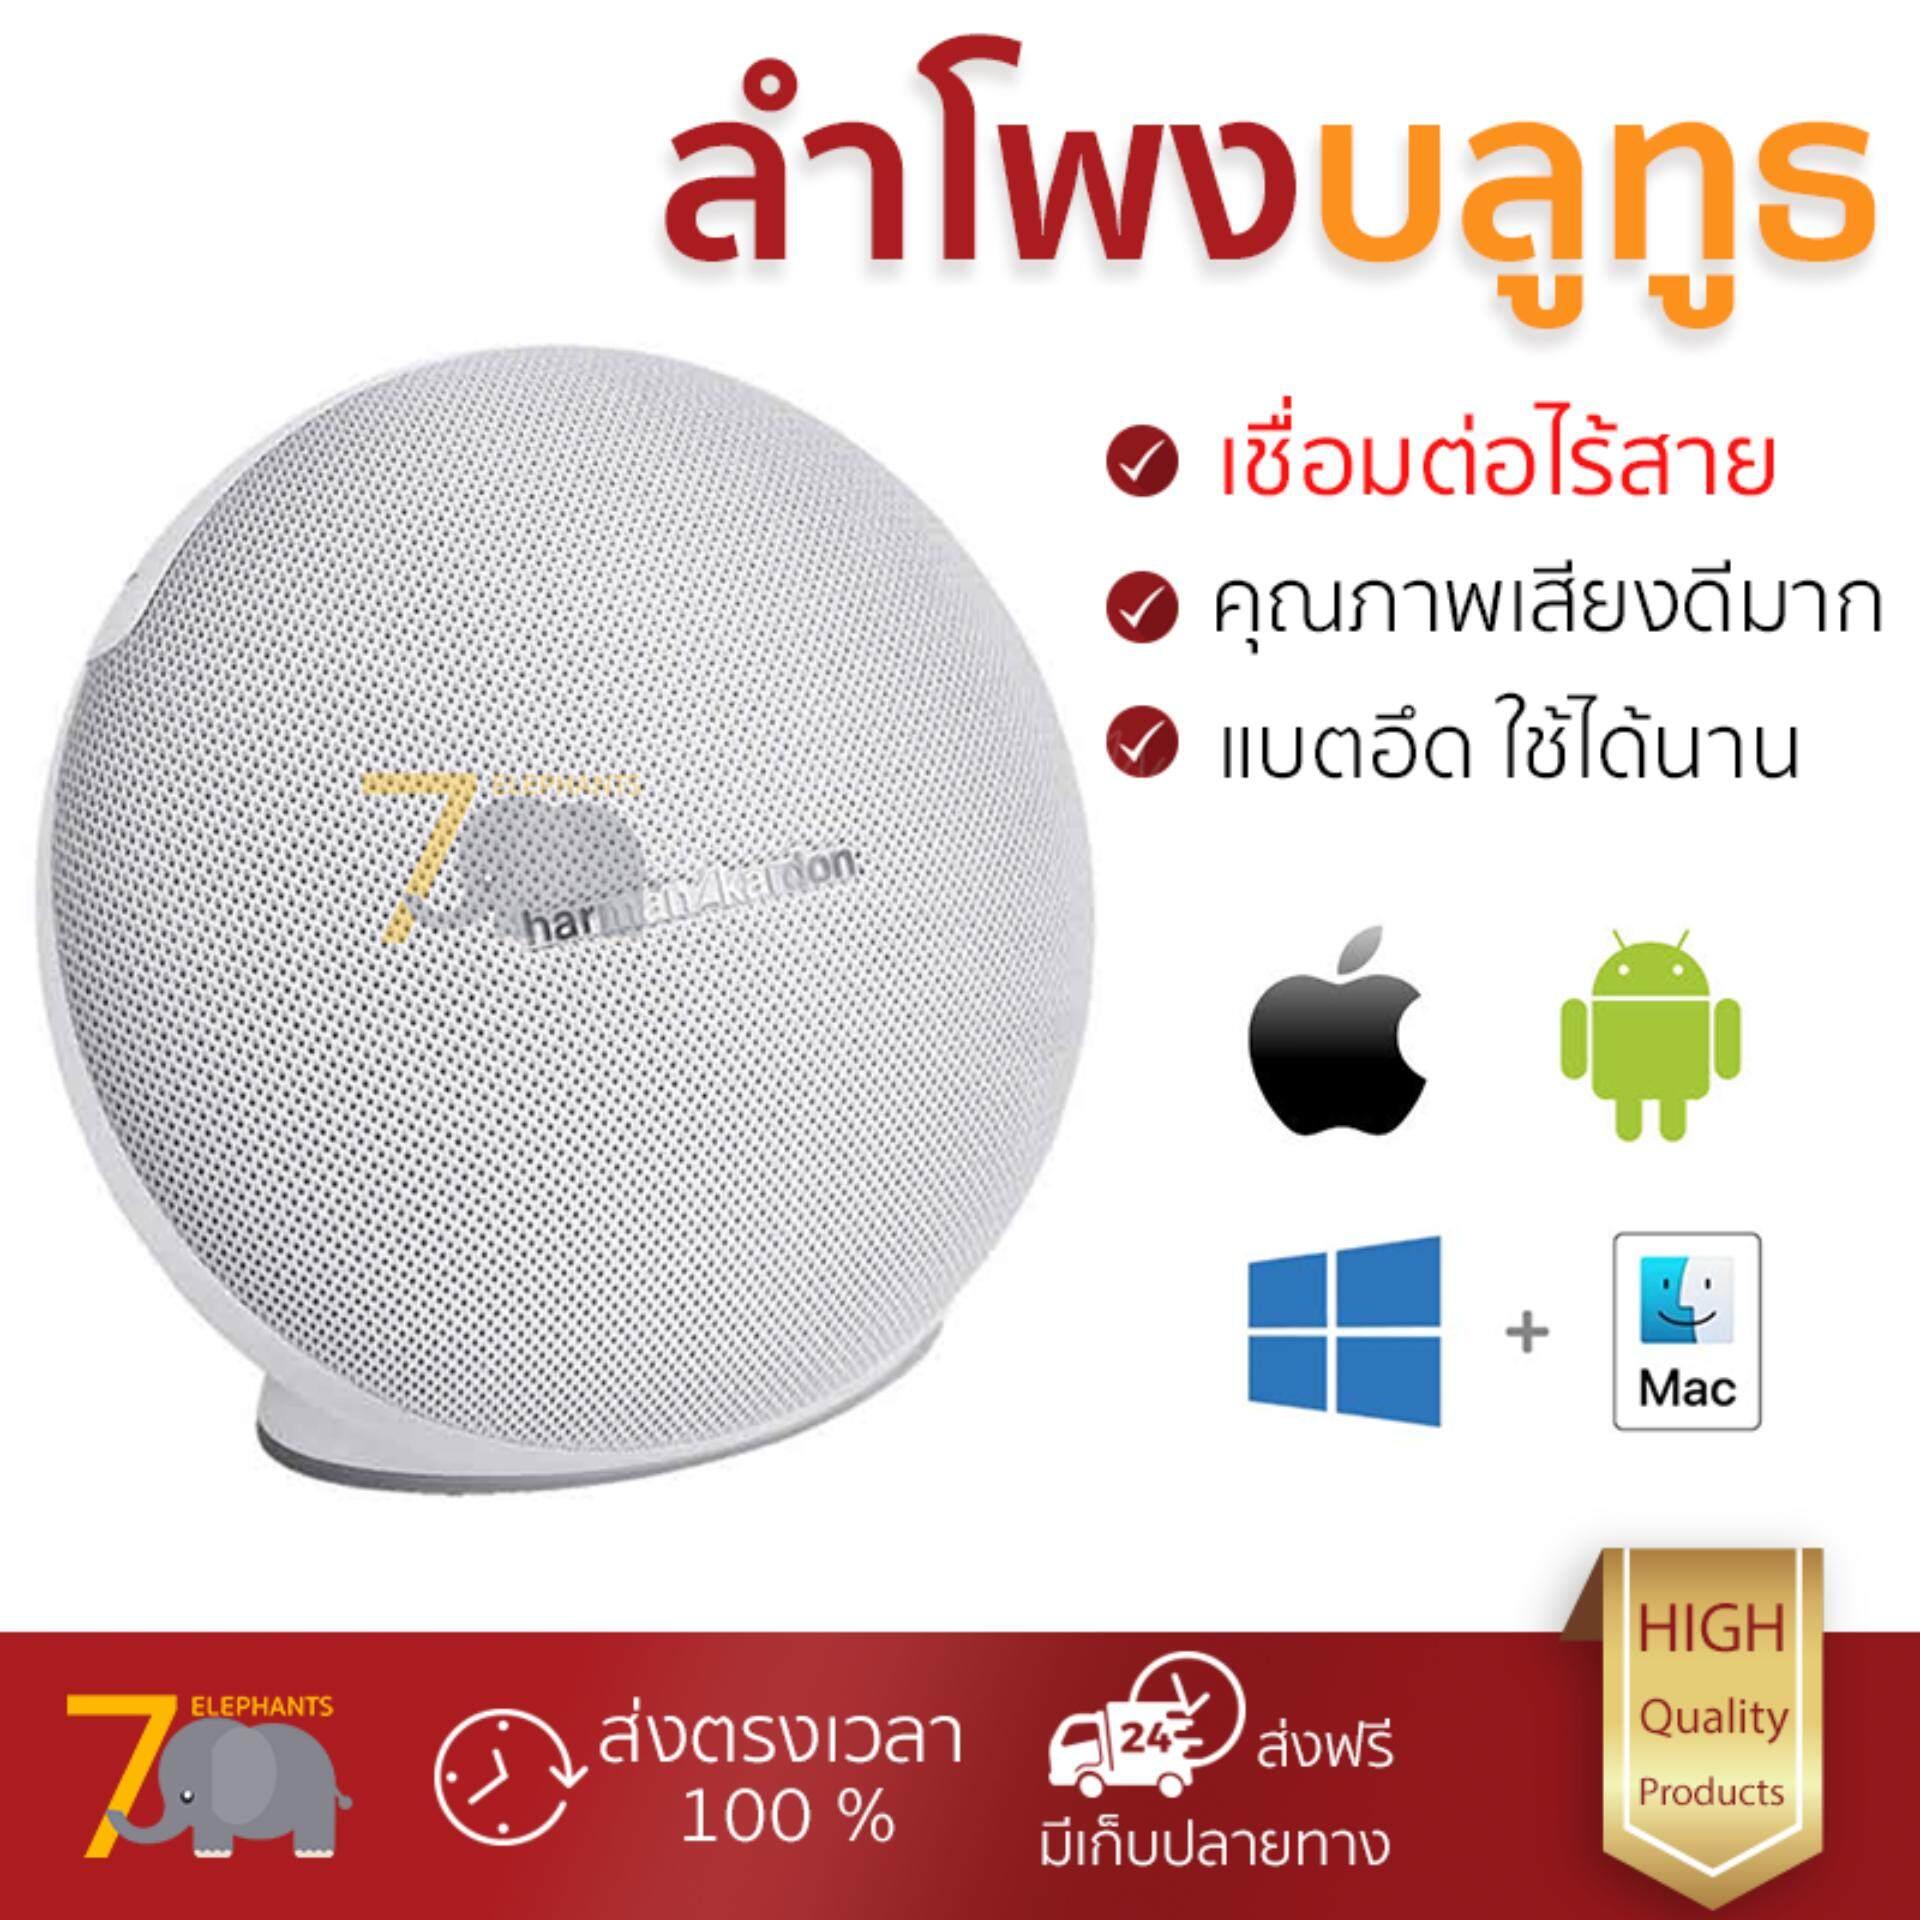 ยี่ห้อนี้ดีไหม  นครราชสีมา จัดส่งฟรี ลำโพงบลูทูธ  Harman Kardon Bluetooth Speaker 2.1 Onyx Mini White เสียงใส คุณภาพเกินตัว Wireless Bluetooth Speaker รับประกัน 1 ปี